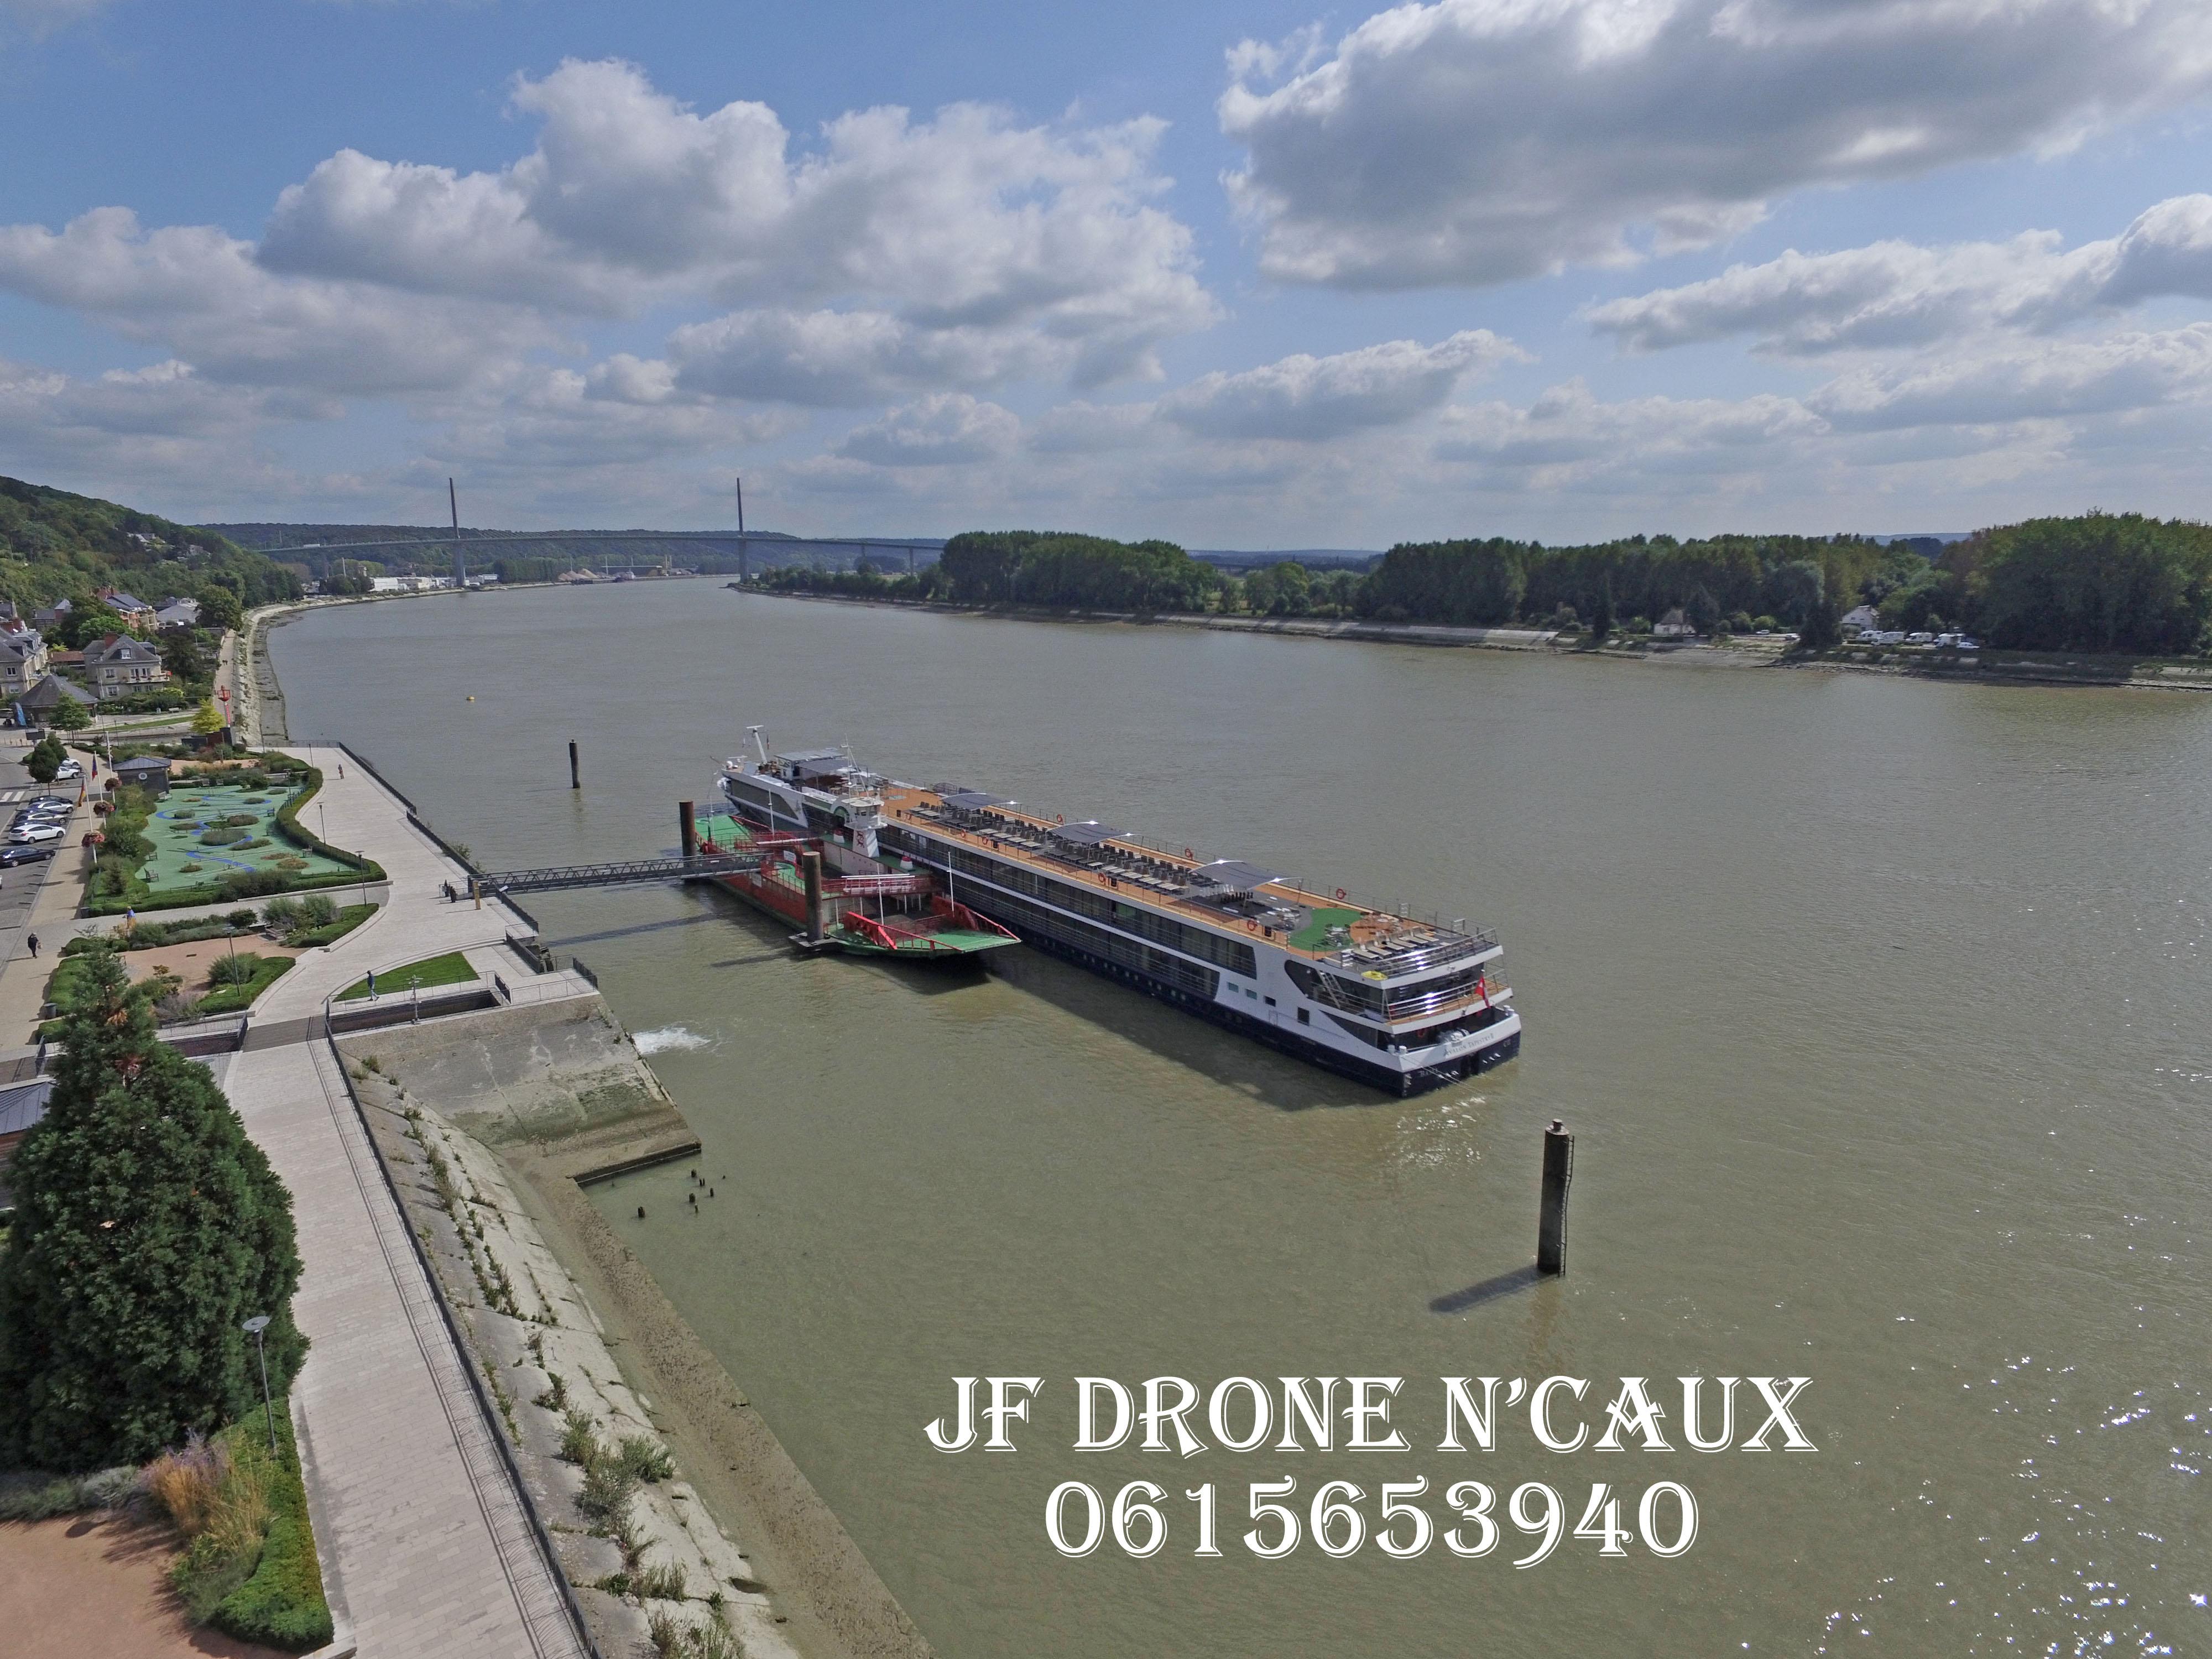 Caudebec en Caux et La Seine